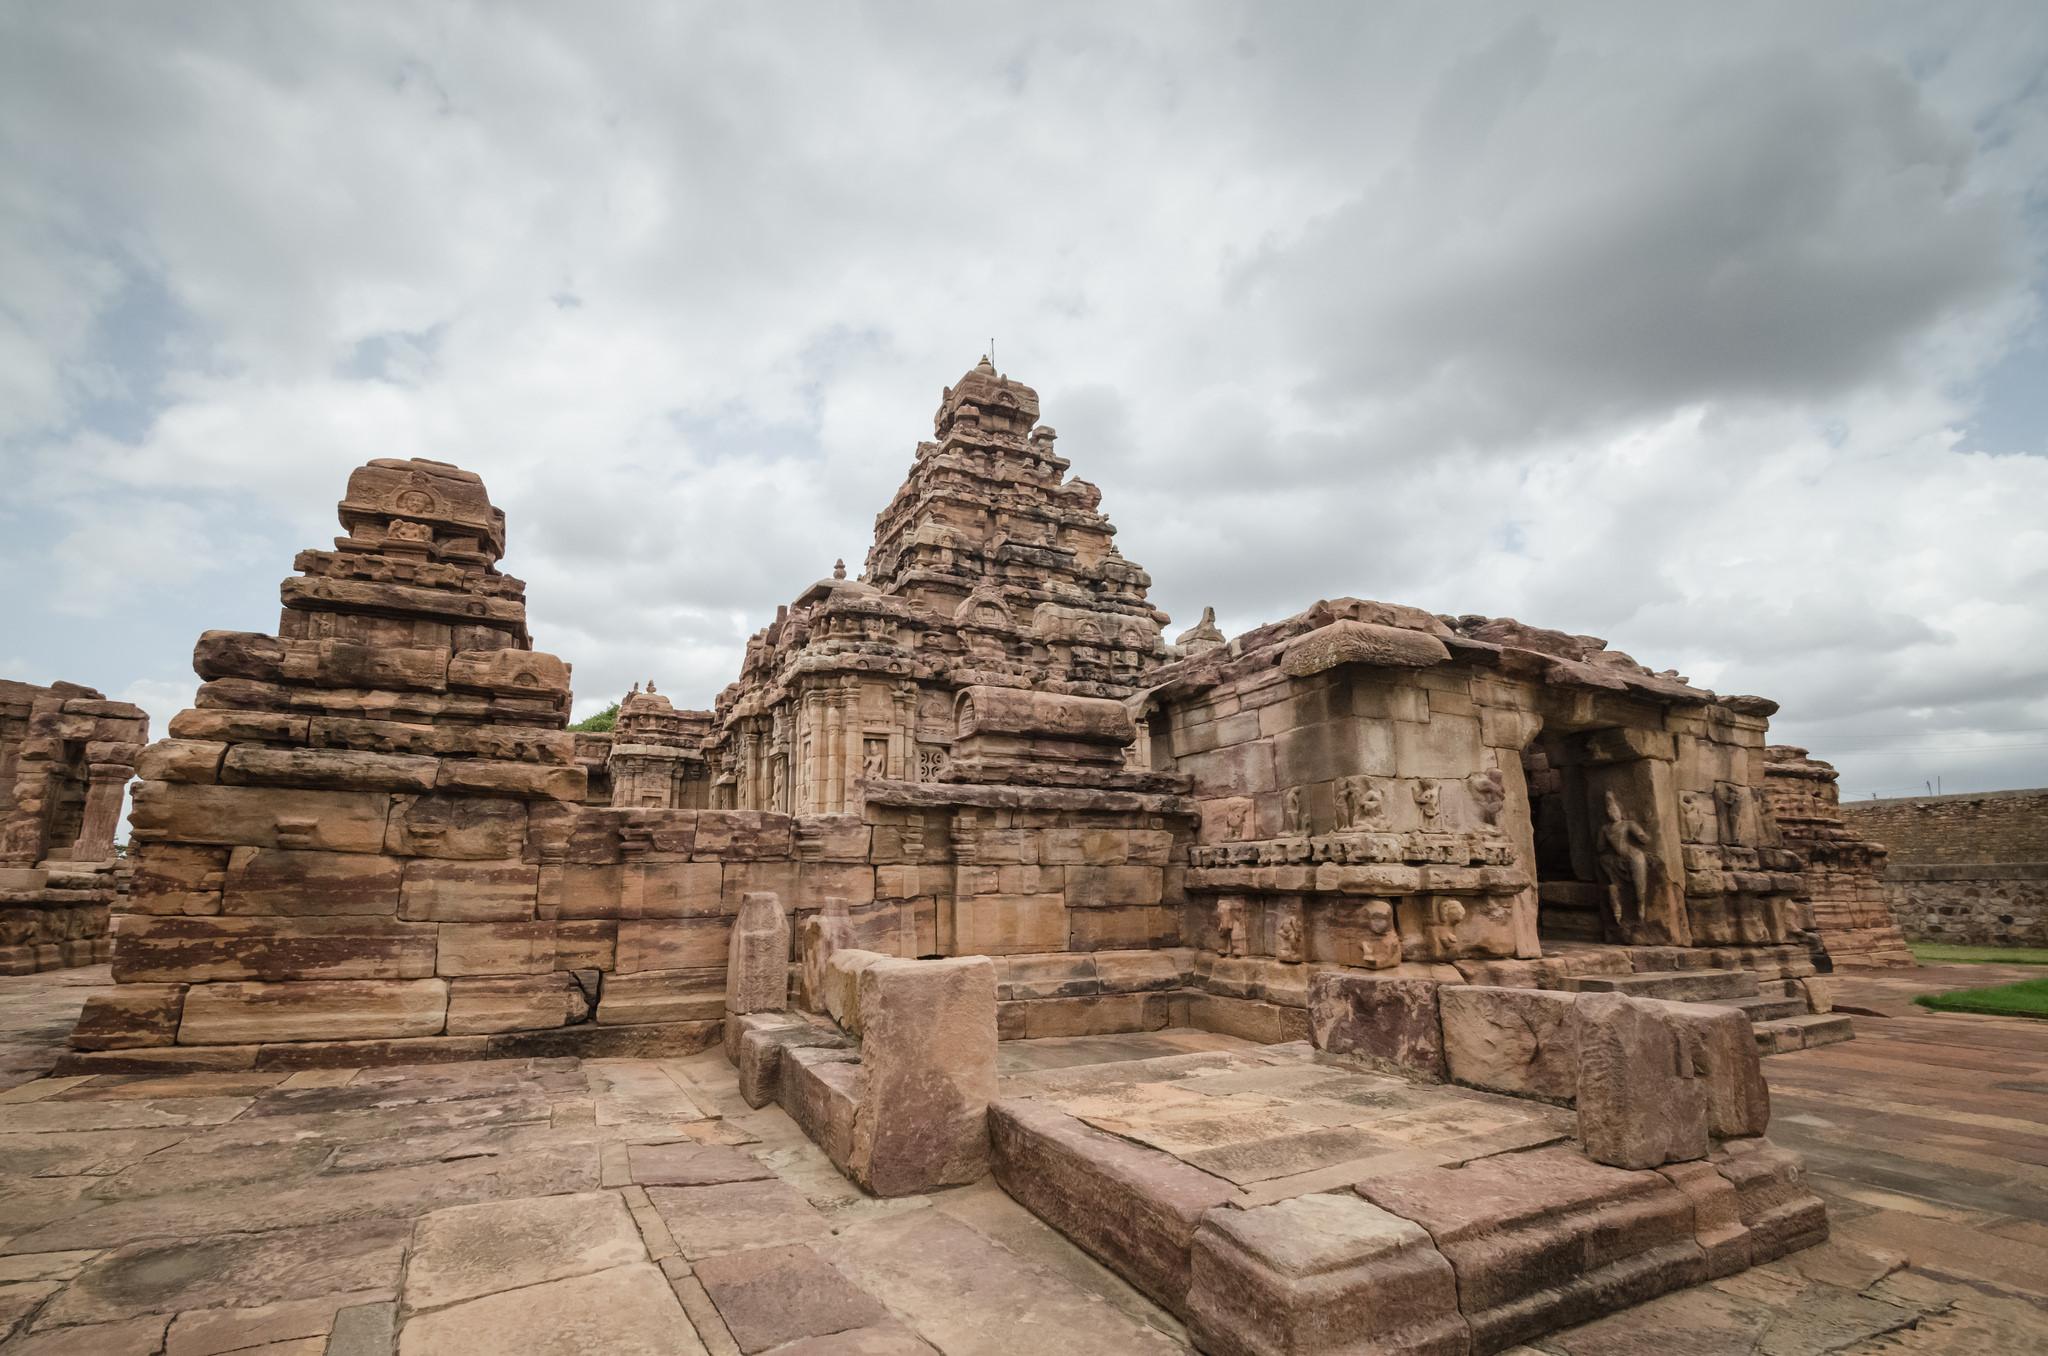 Паттадакал, Карнатака